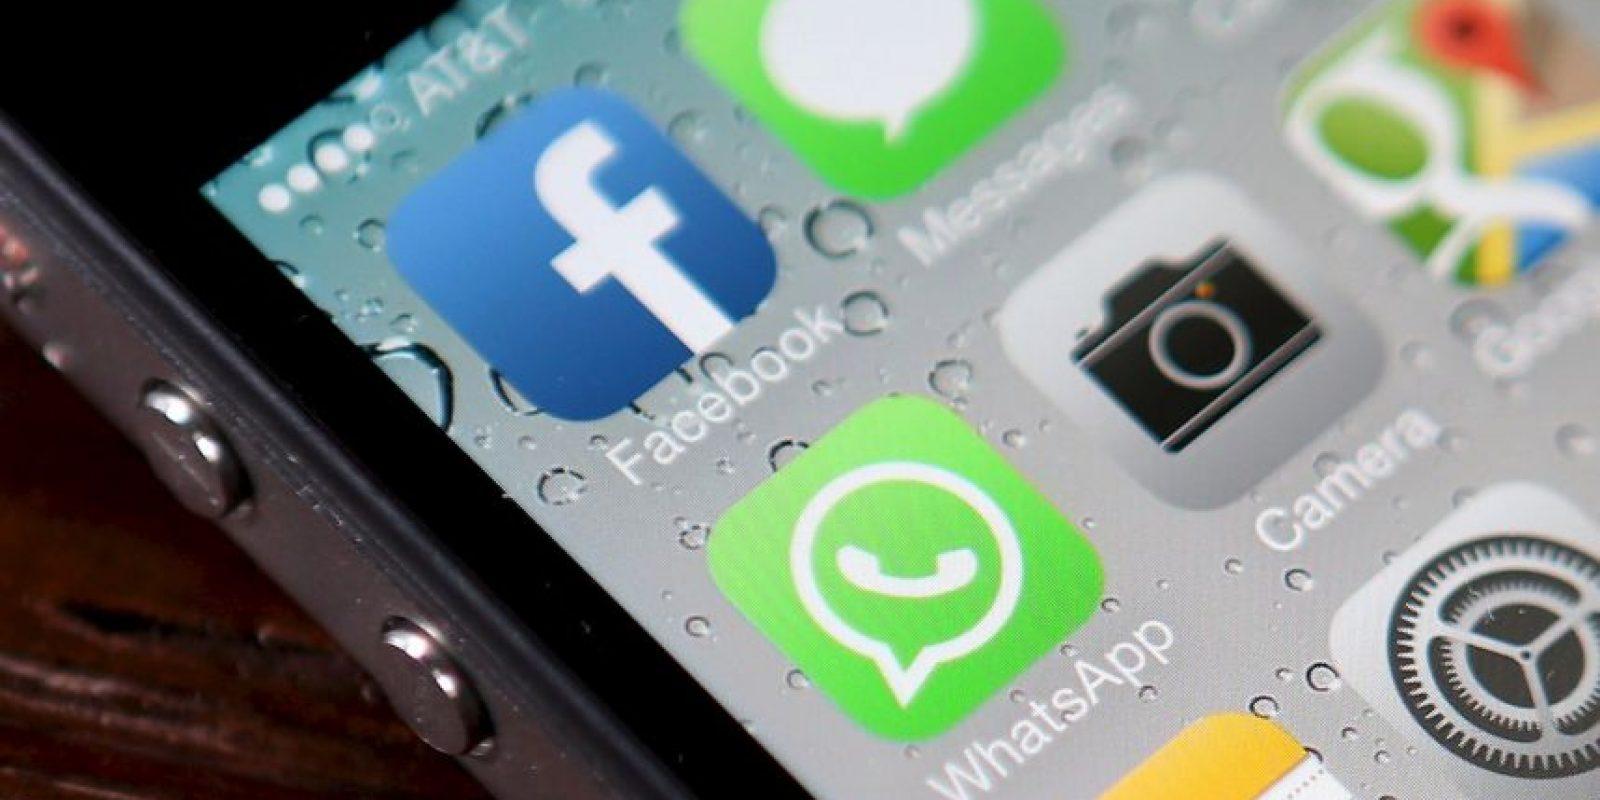 """La madre de la joven declaró: """"Su novio no le permitía tener fotos en su perfil de WhatsApp y la obligó a cerrar su Facebook por celos"""". Foto:Tumblr"""